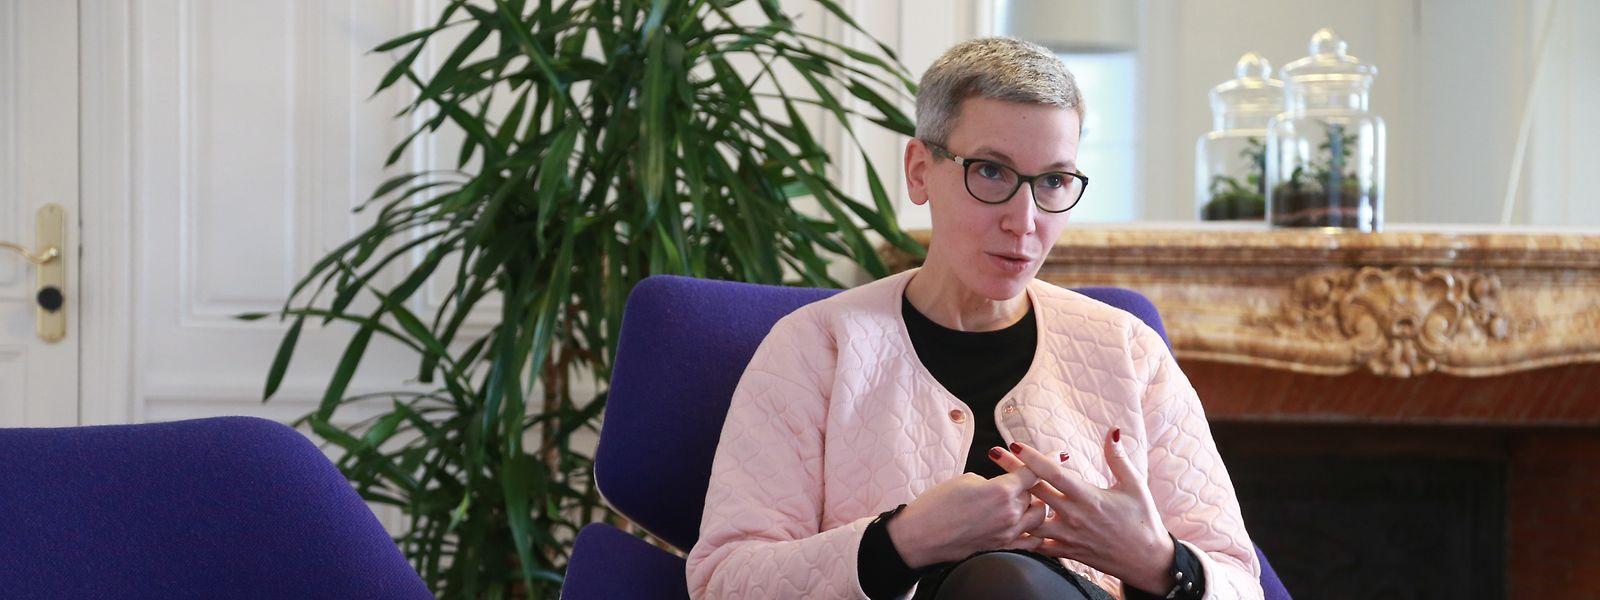 Kultur hat ein breites Spektrum, doch nicht jeder hat in Luxemburg Zugang zu ihr. Die neue Ministerin Sam Tanson will die Kultur vor allem in den Schulen fördern – dort soll sie ein neues Paradigma werden.